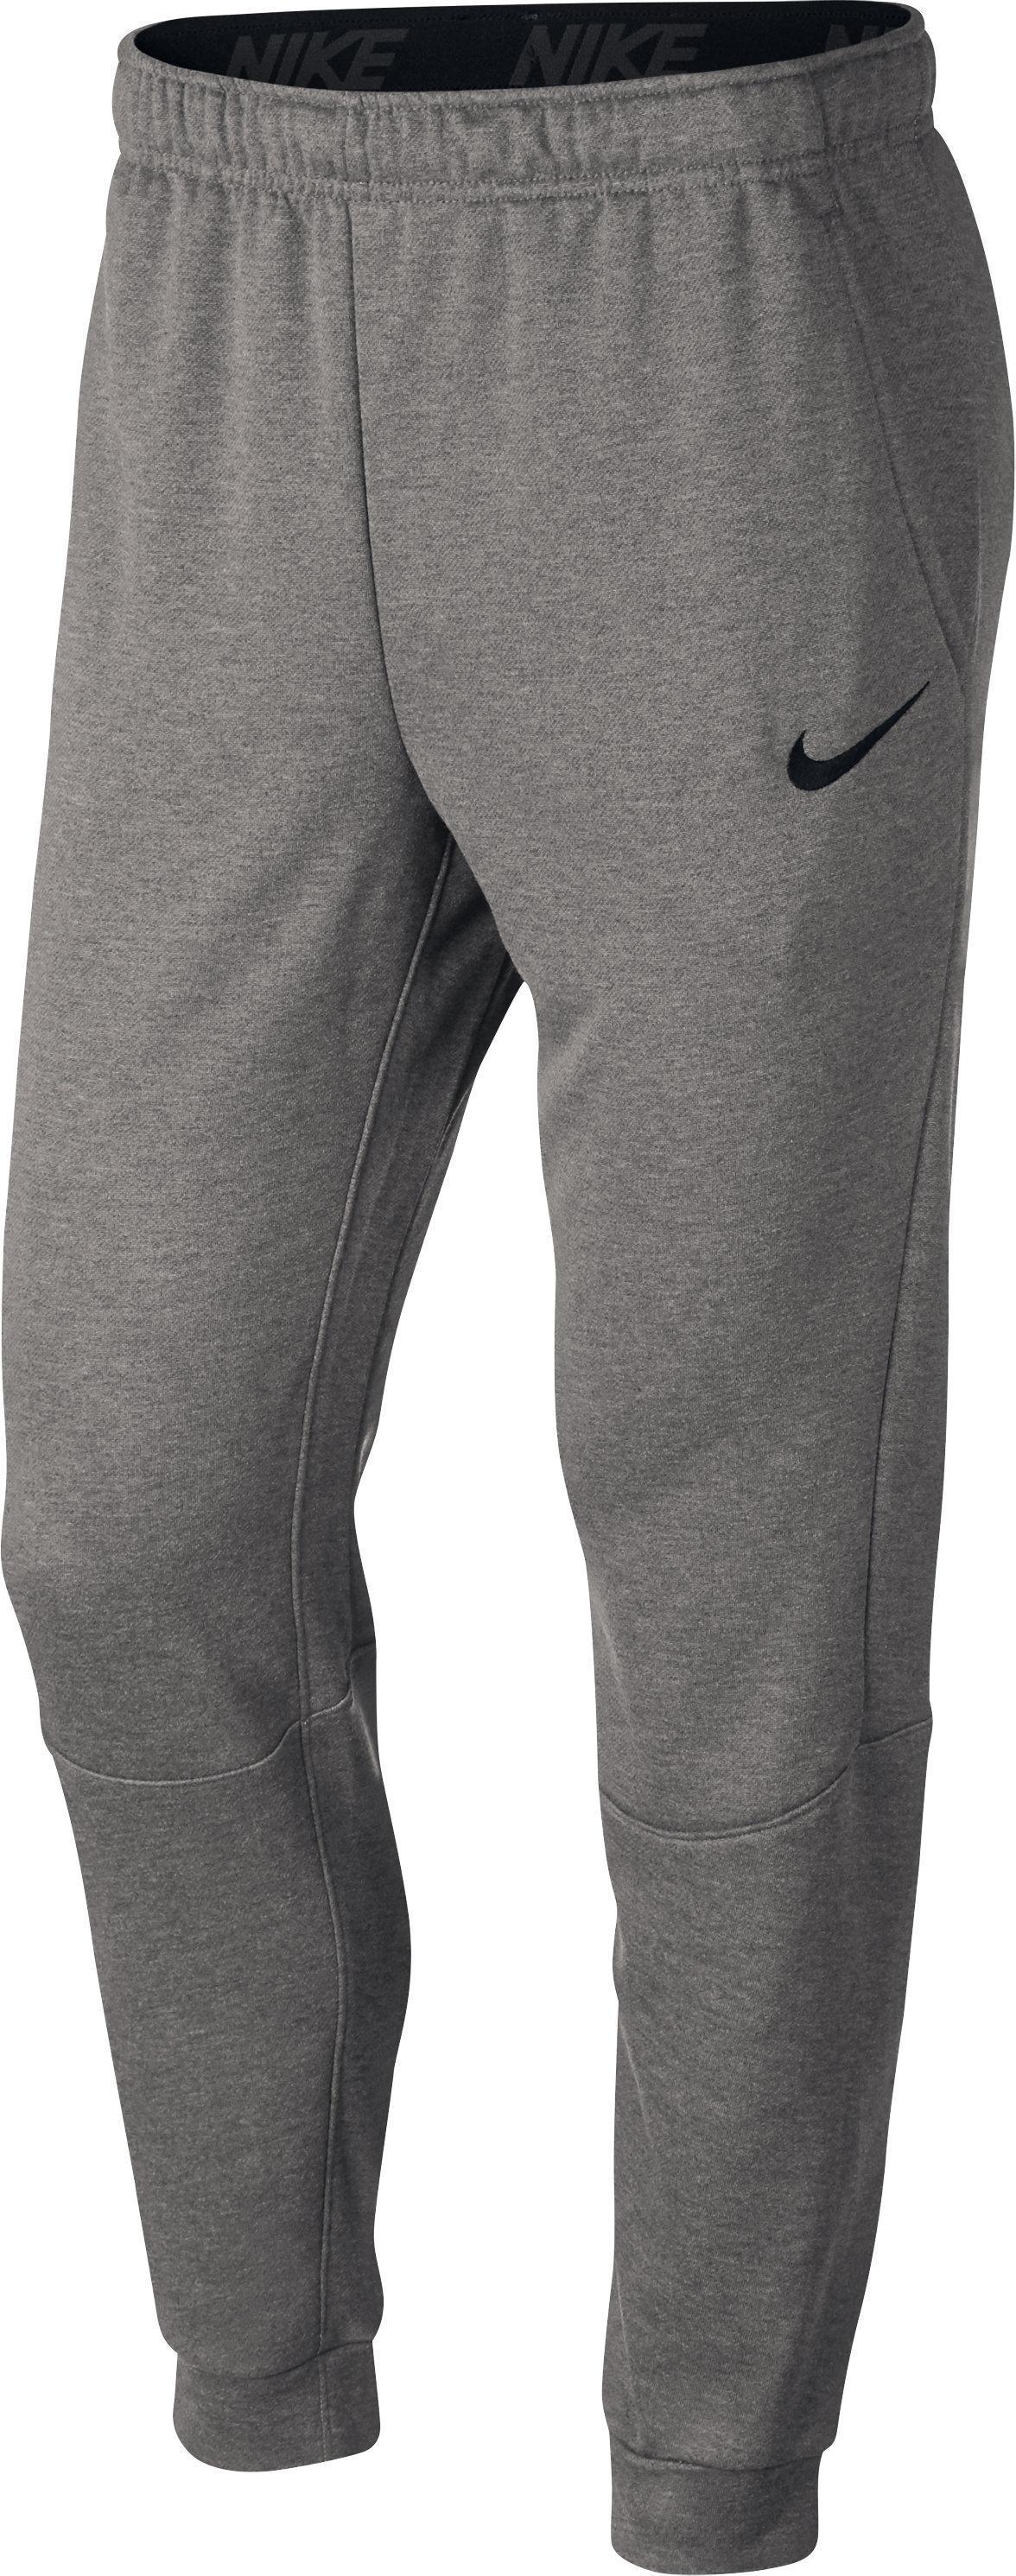 Nike Herenbroek voor gym en pilates grijs